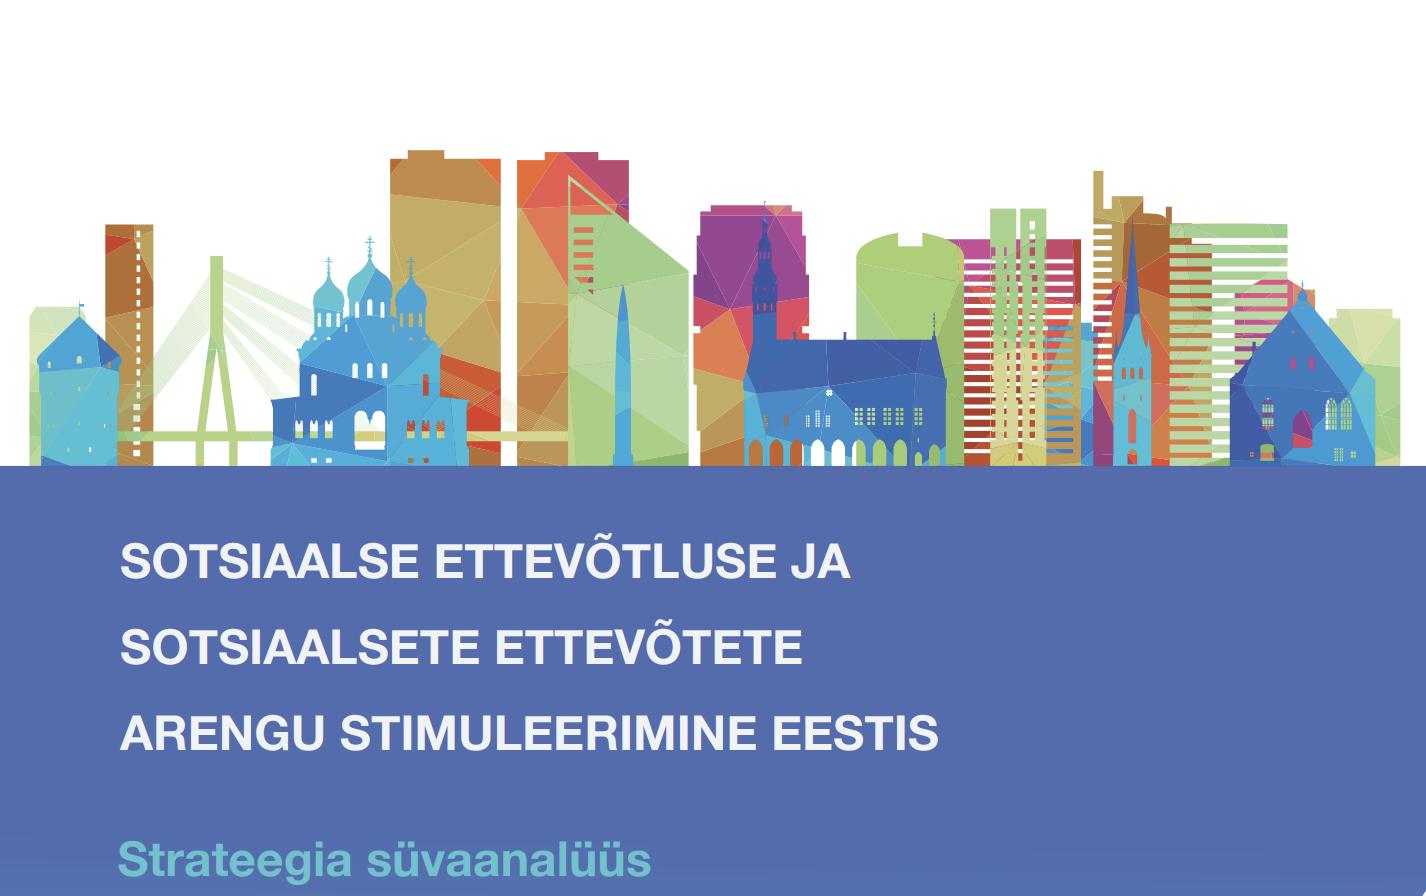 Sotsiaalse ettevõtluse ja sotsiaalsete ettevõtete arengu stimuleerimine Eestis